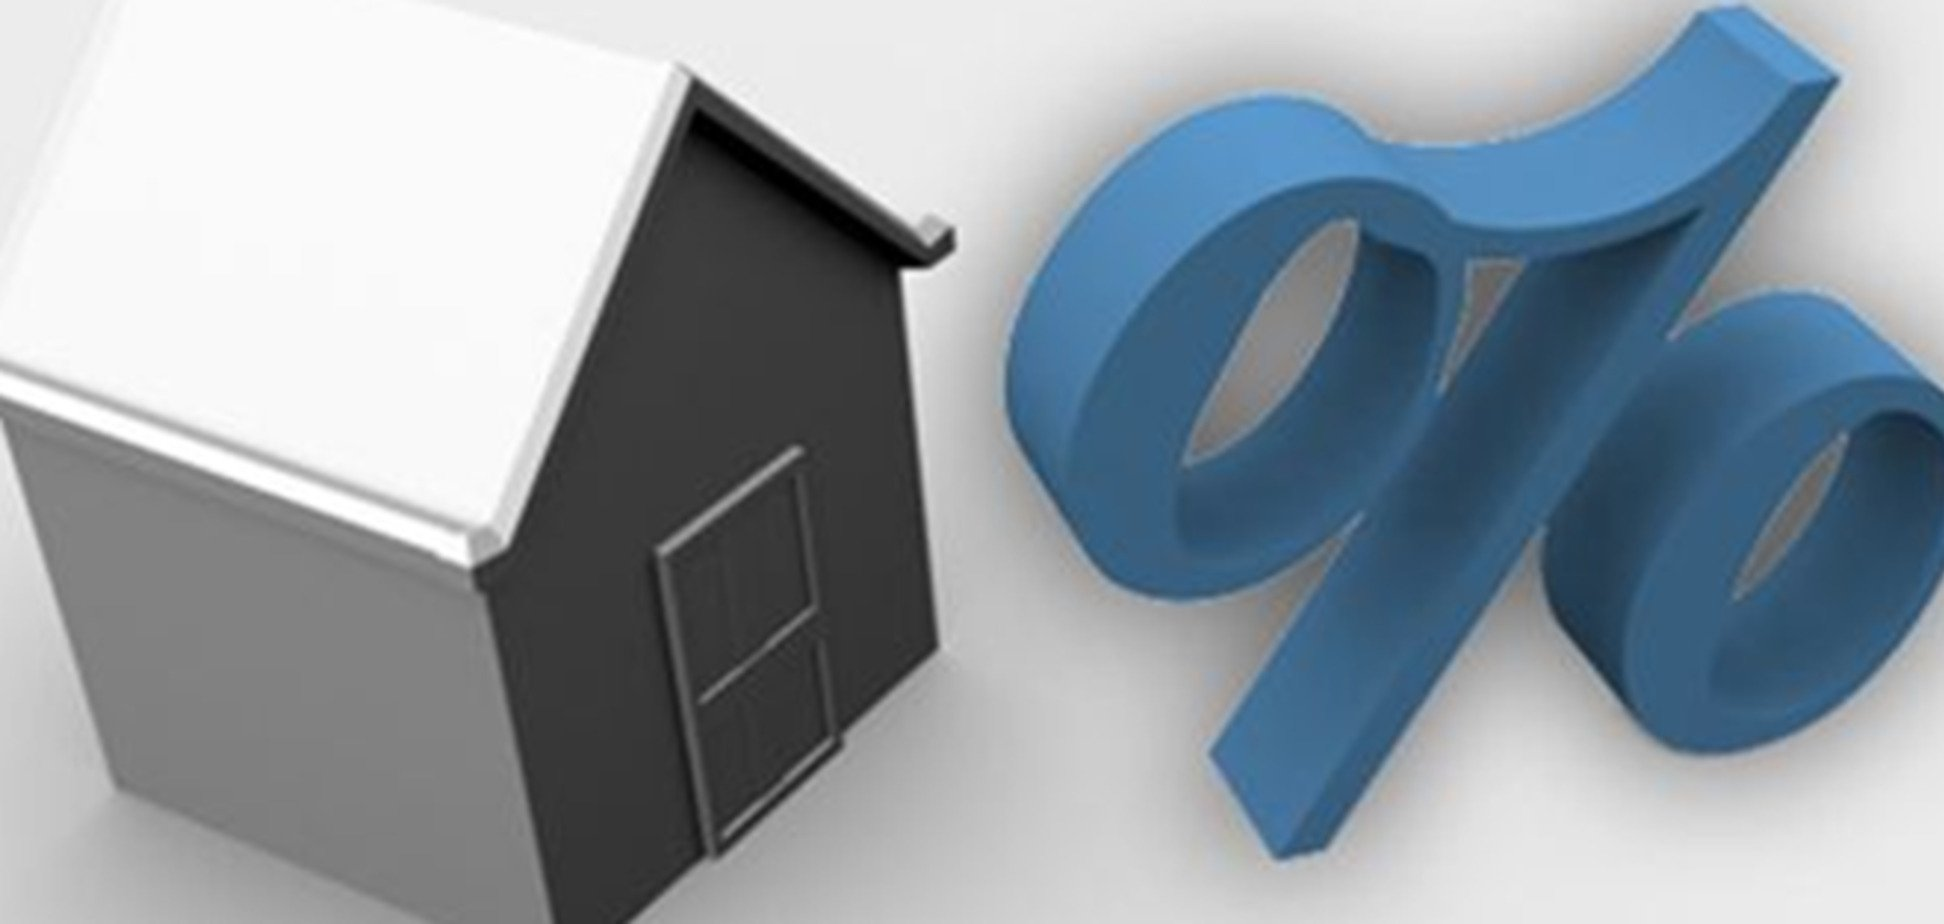 При сделке с недвижимостью покупателей заставят платить еще 1-3%